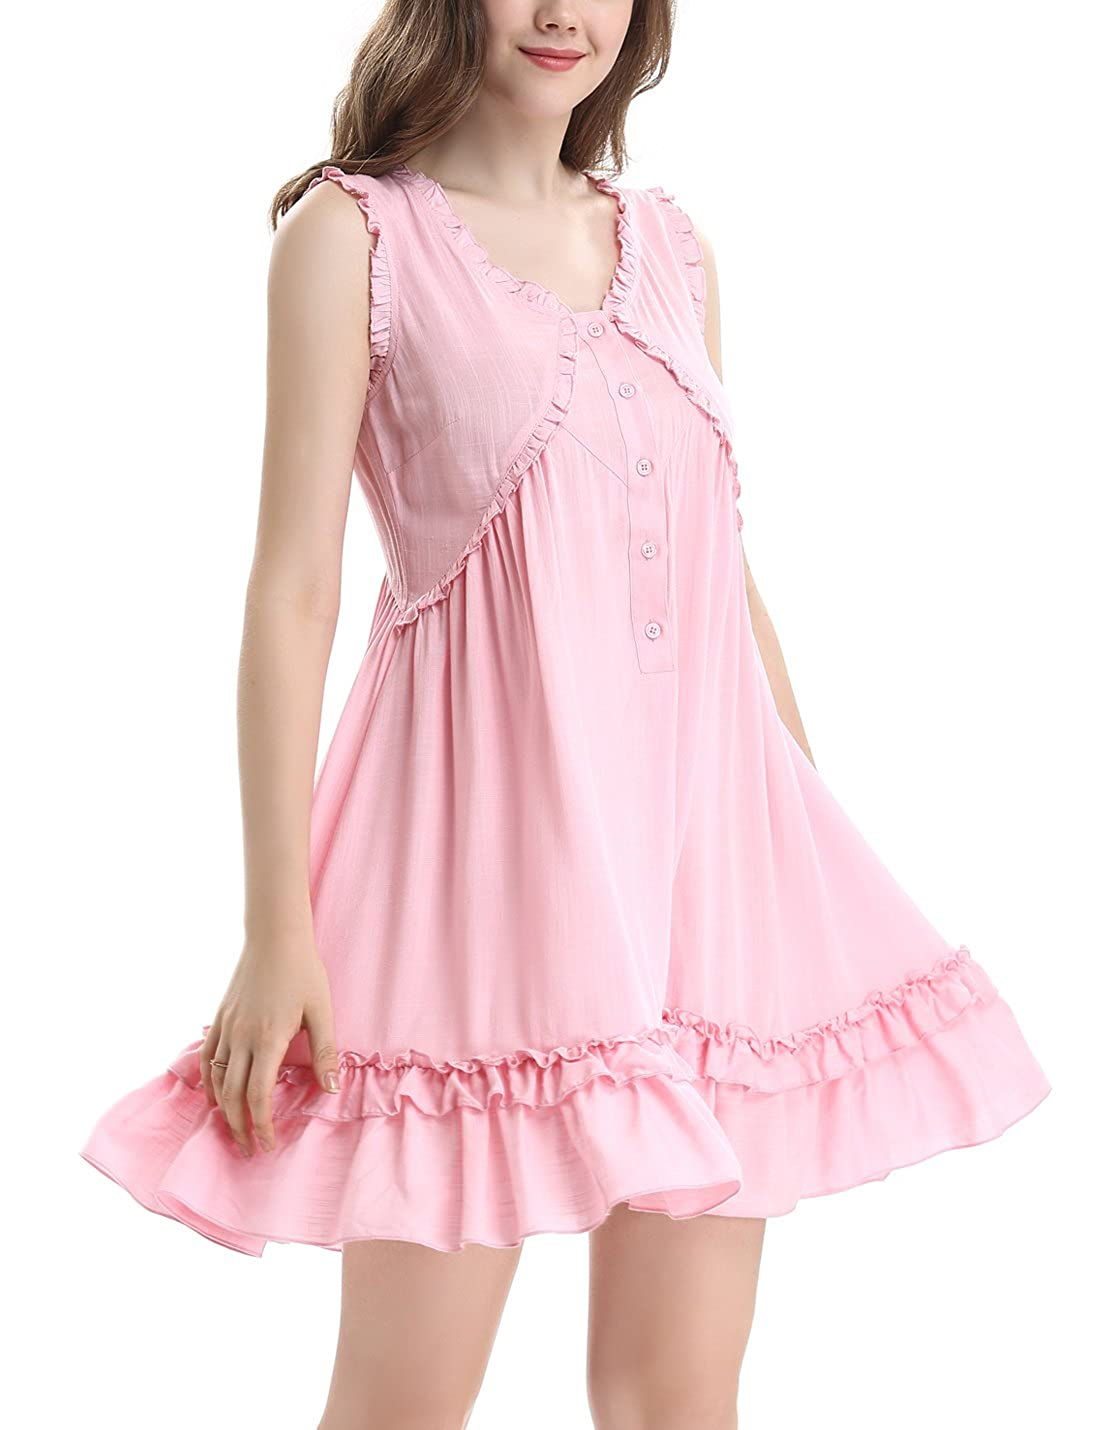 28ba54da8517 Sleeveless Nightgown Women Nighties Button Front Nightdress OY031 Victorian  Vintage Nightshirt Sleepwear NORA TWIPS Ladies Summer Nightwear